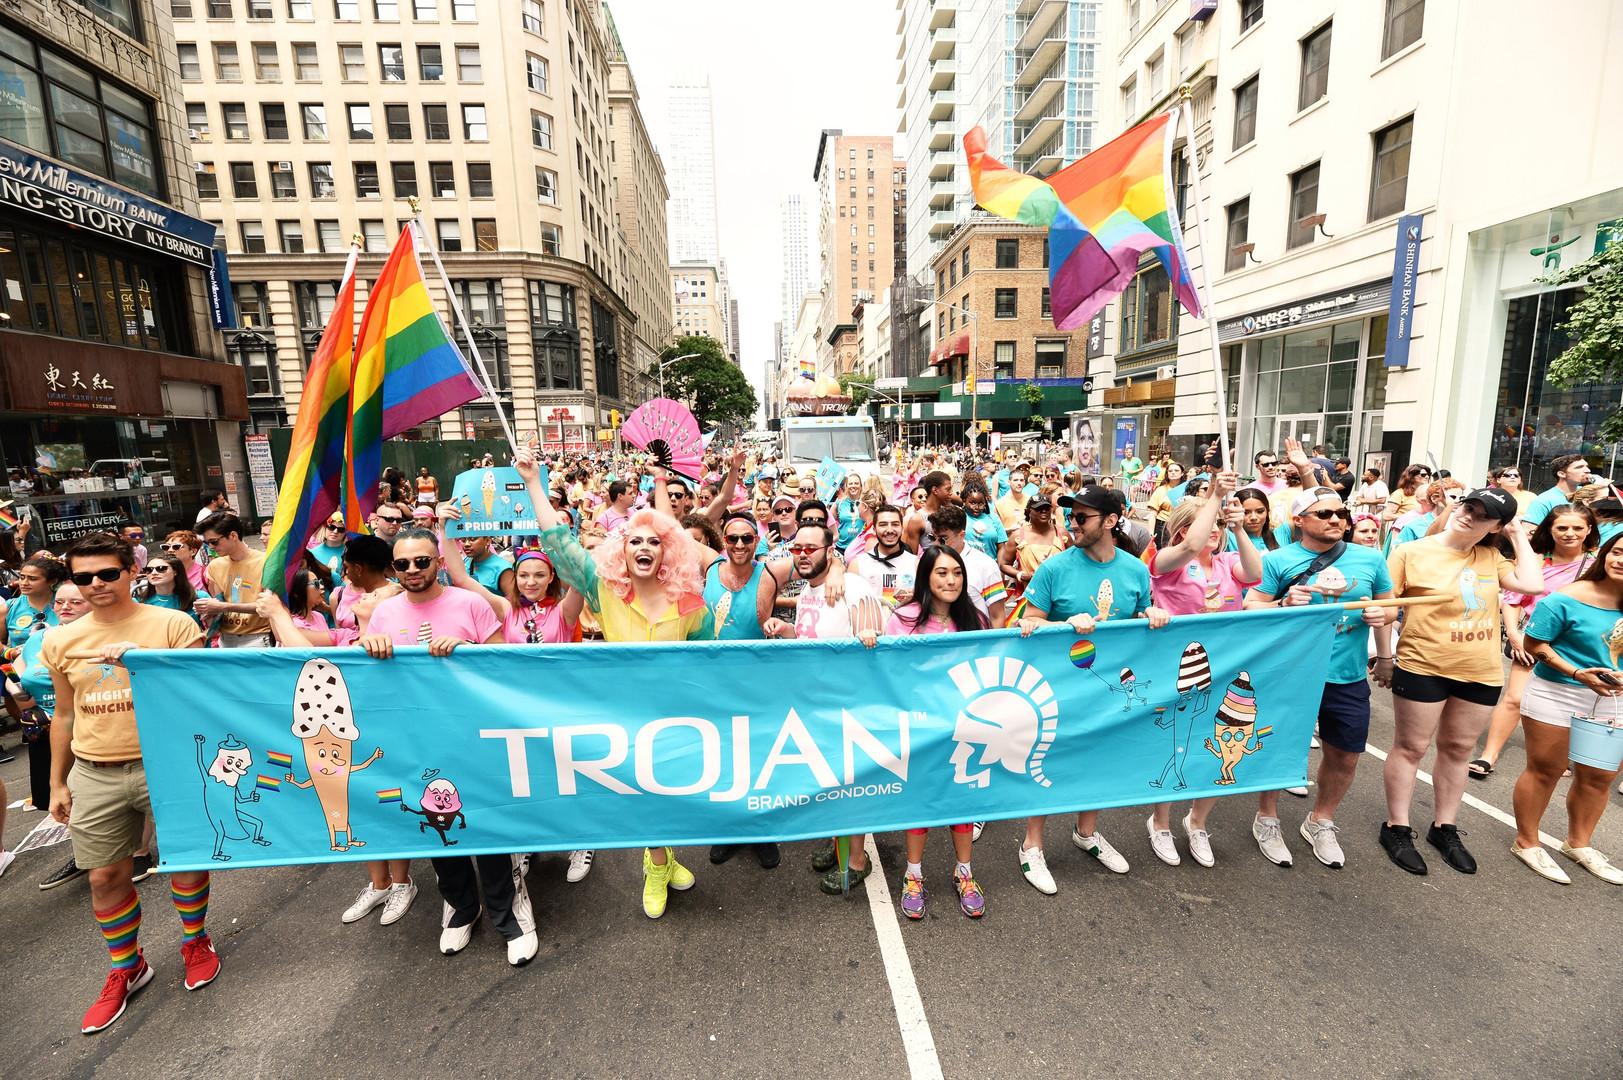 4_Trojan_Parade.jpg